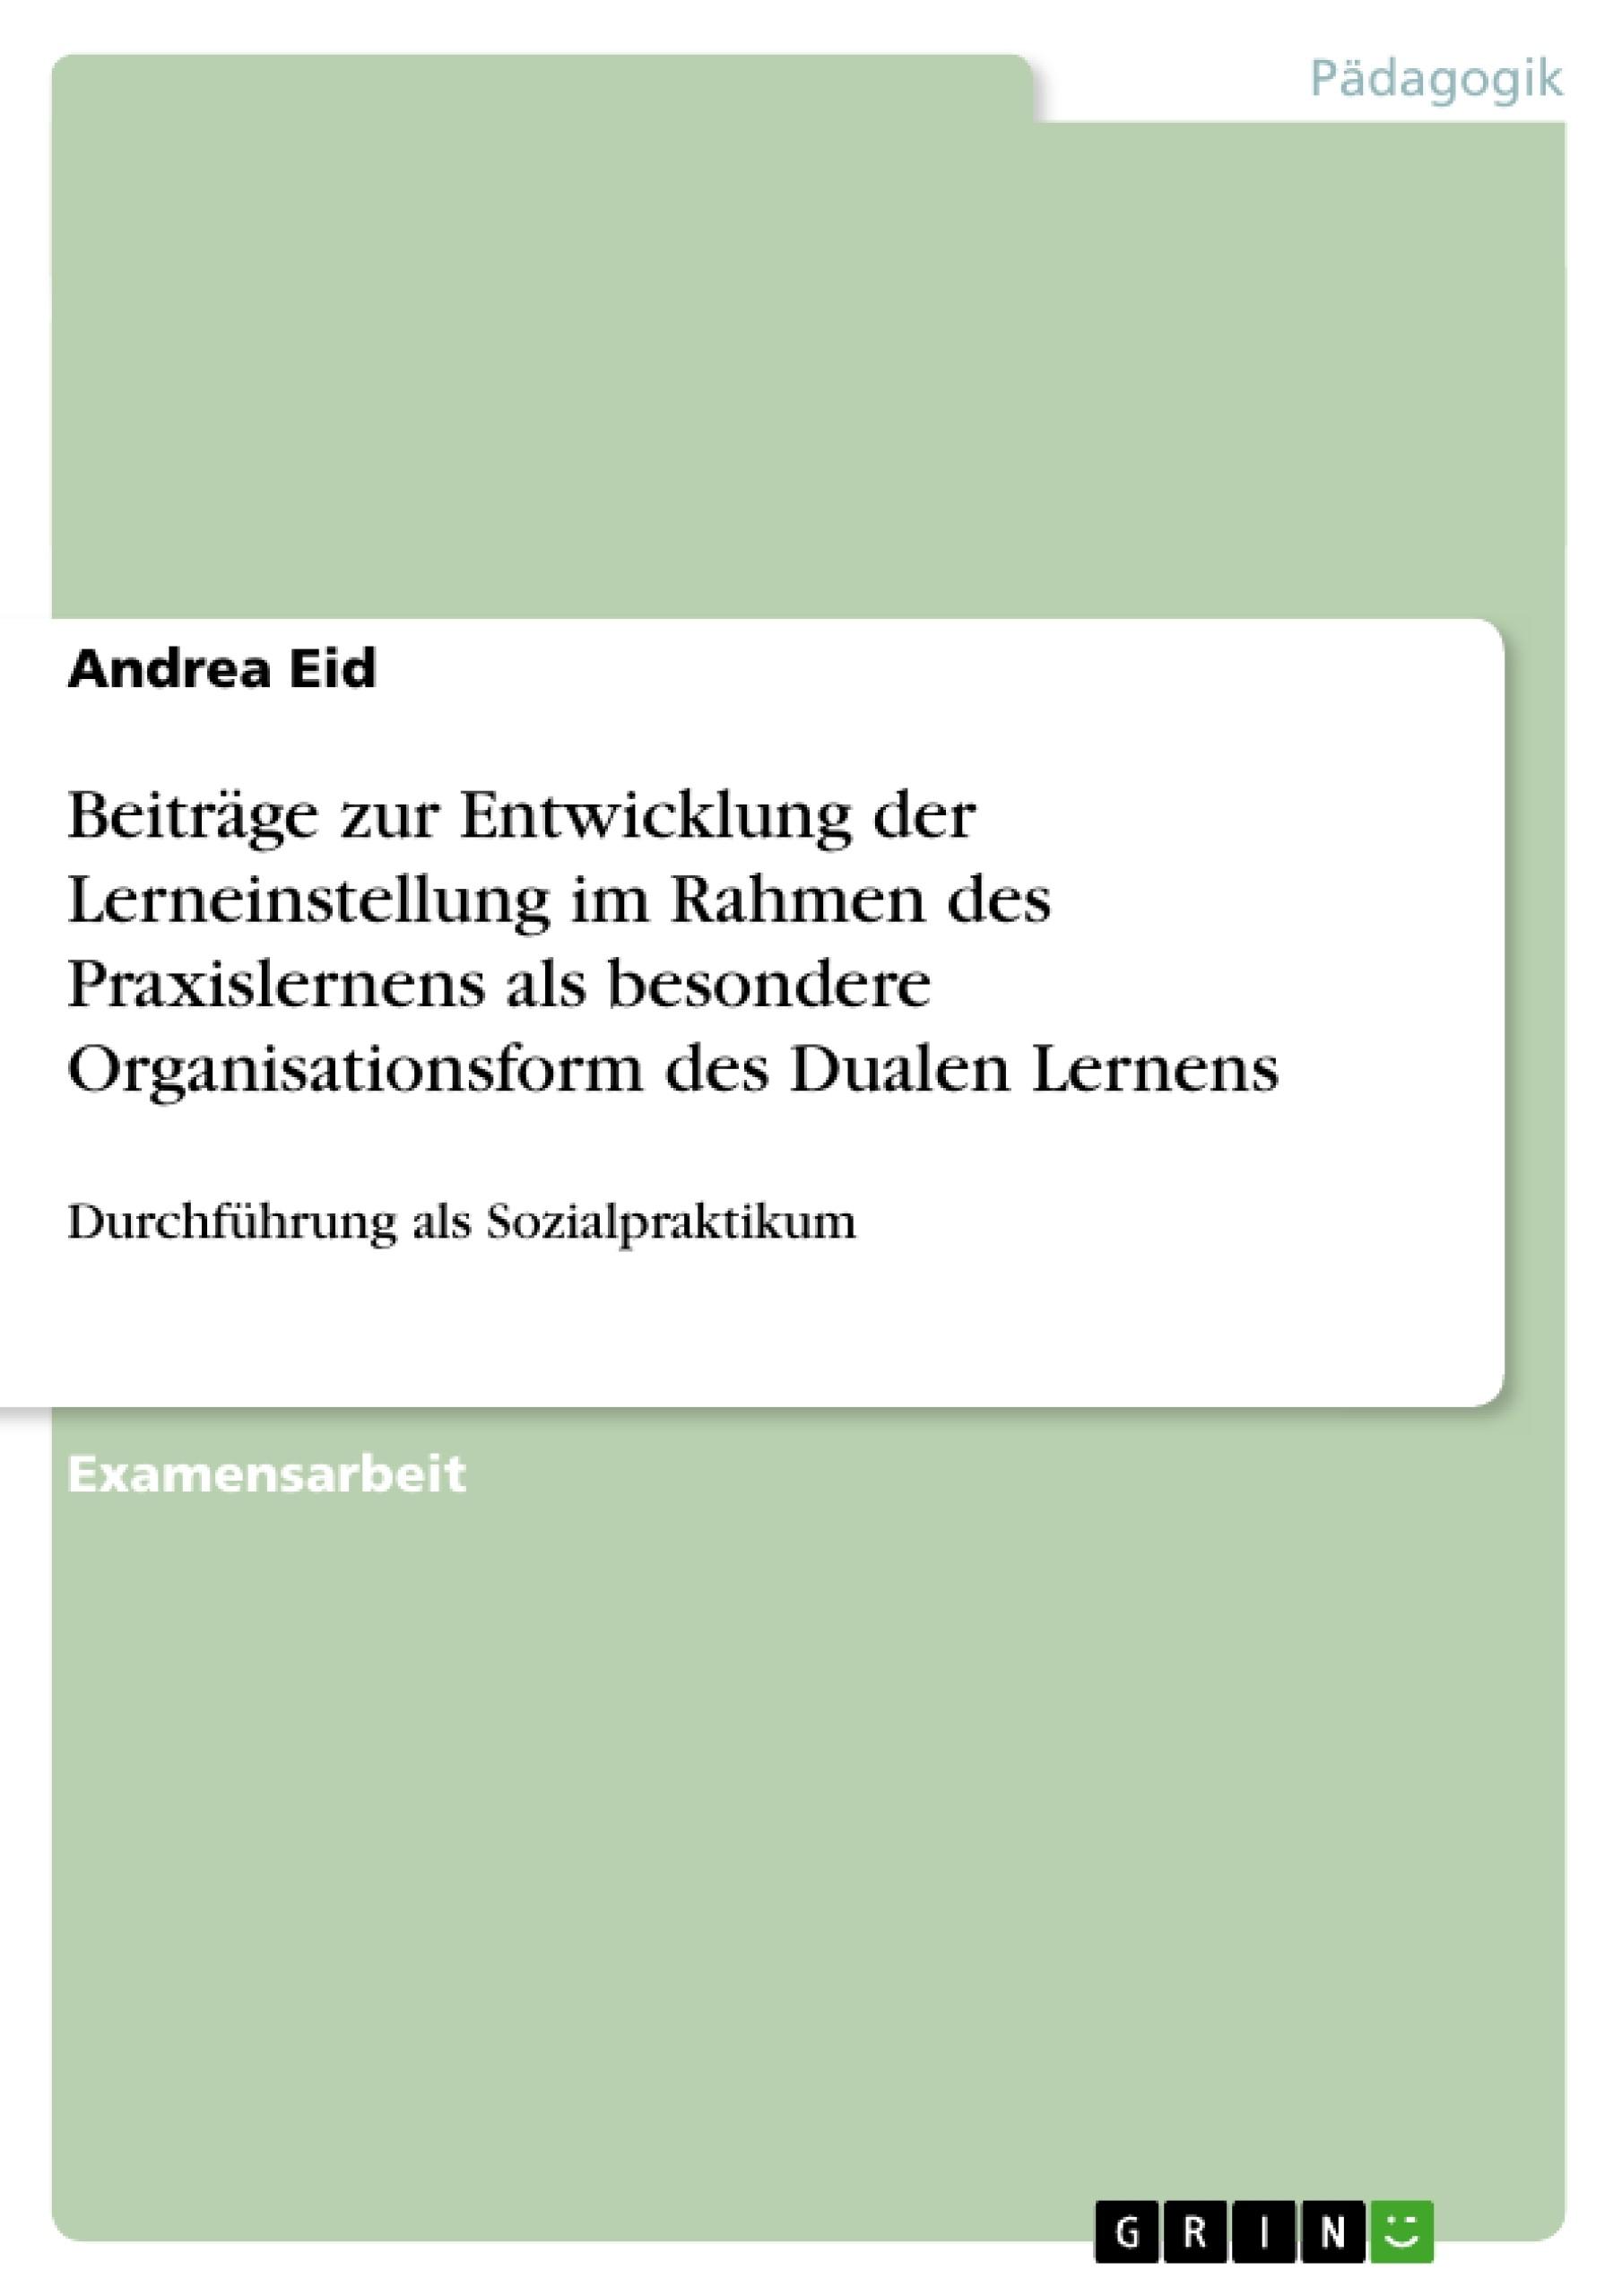 Titel: Beiträge zur Entwicklung der Lerneinstellung im Rahmen des Praxislernens als besondere Organisationsform des Dualen Lernens